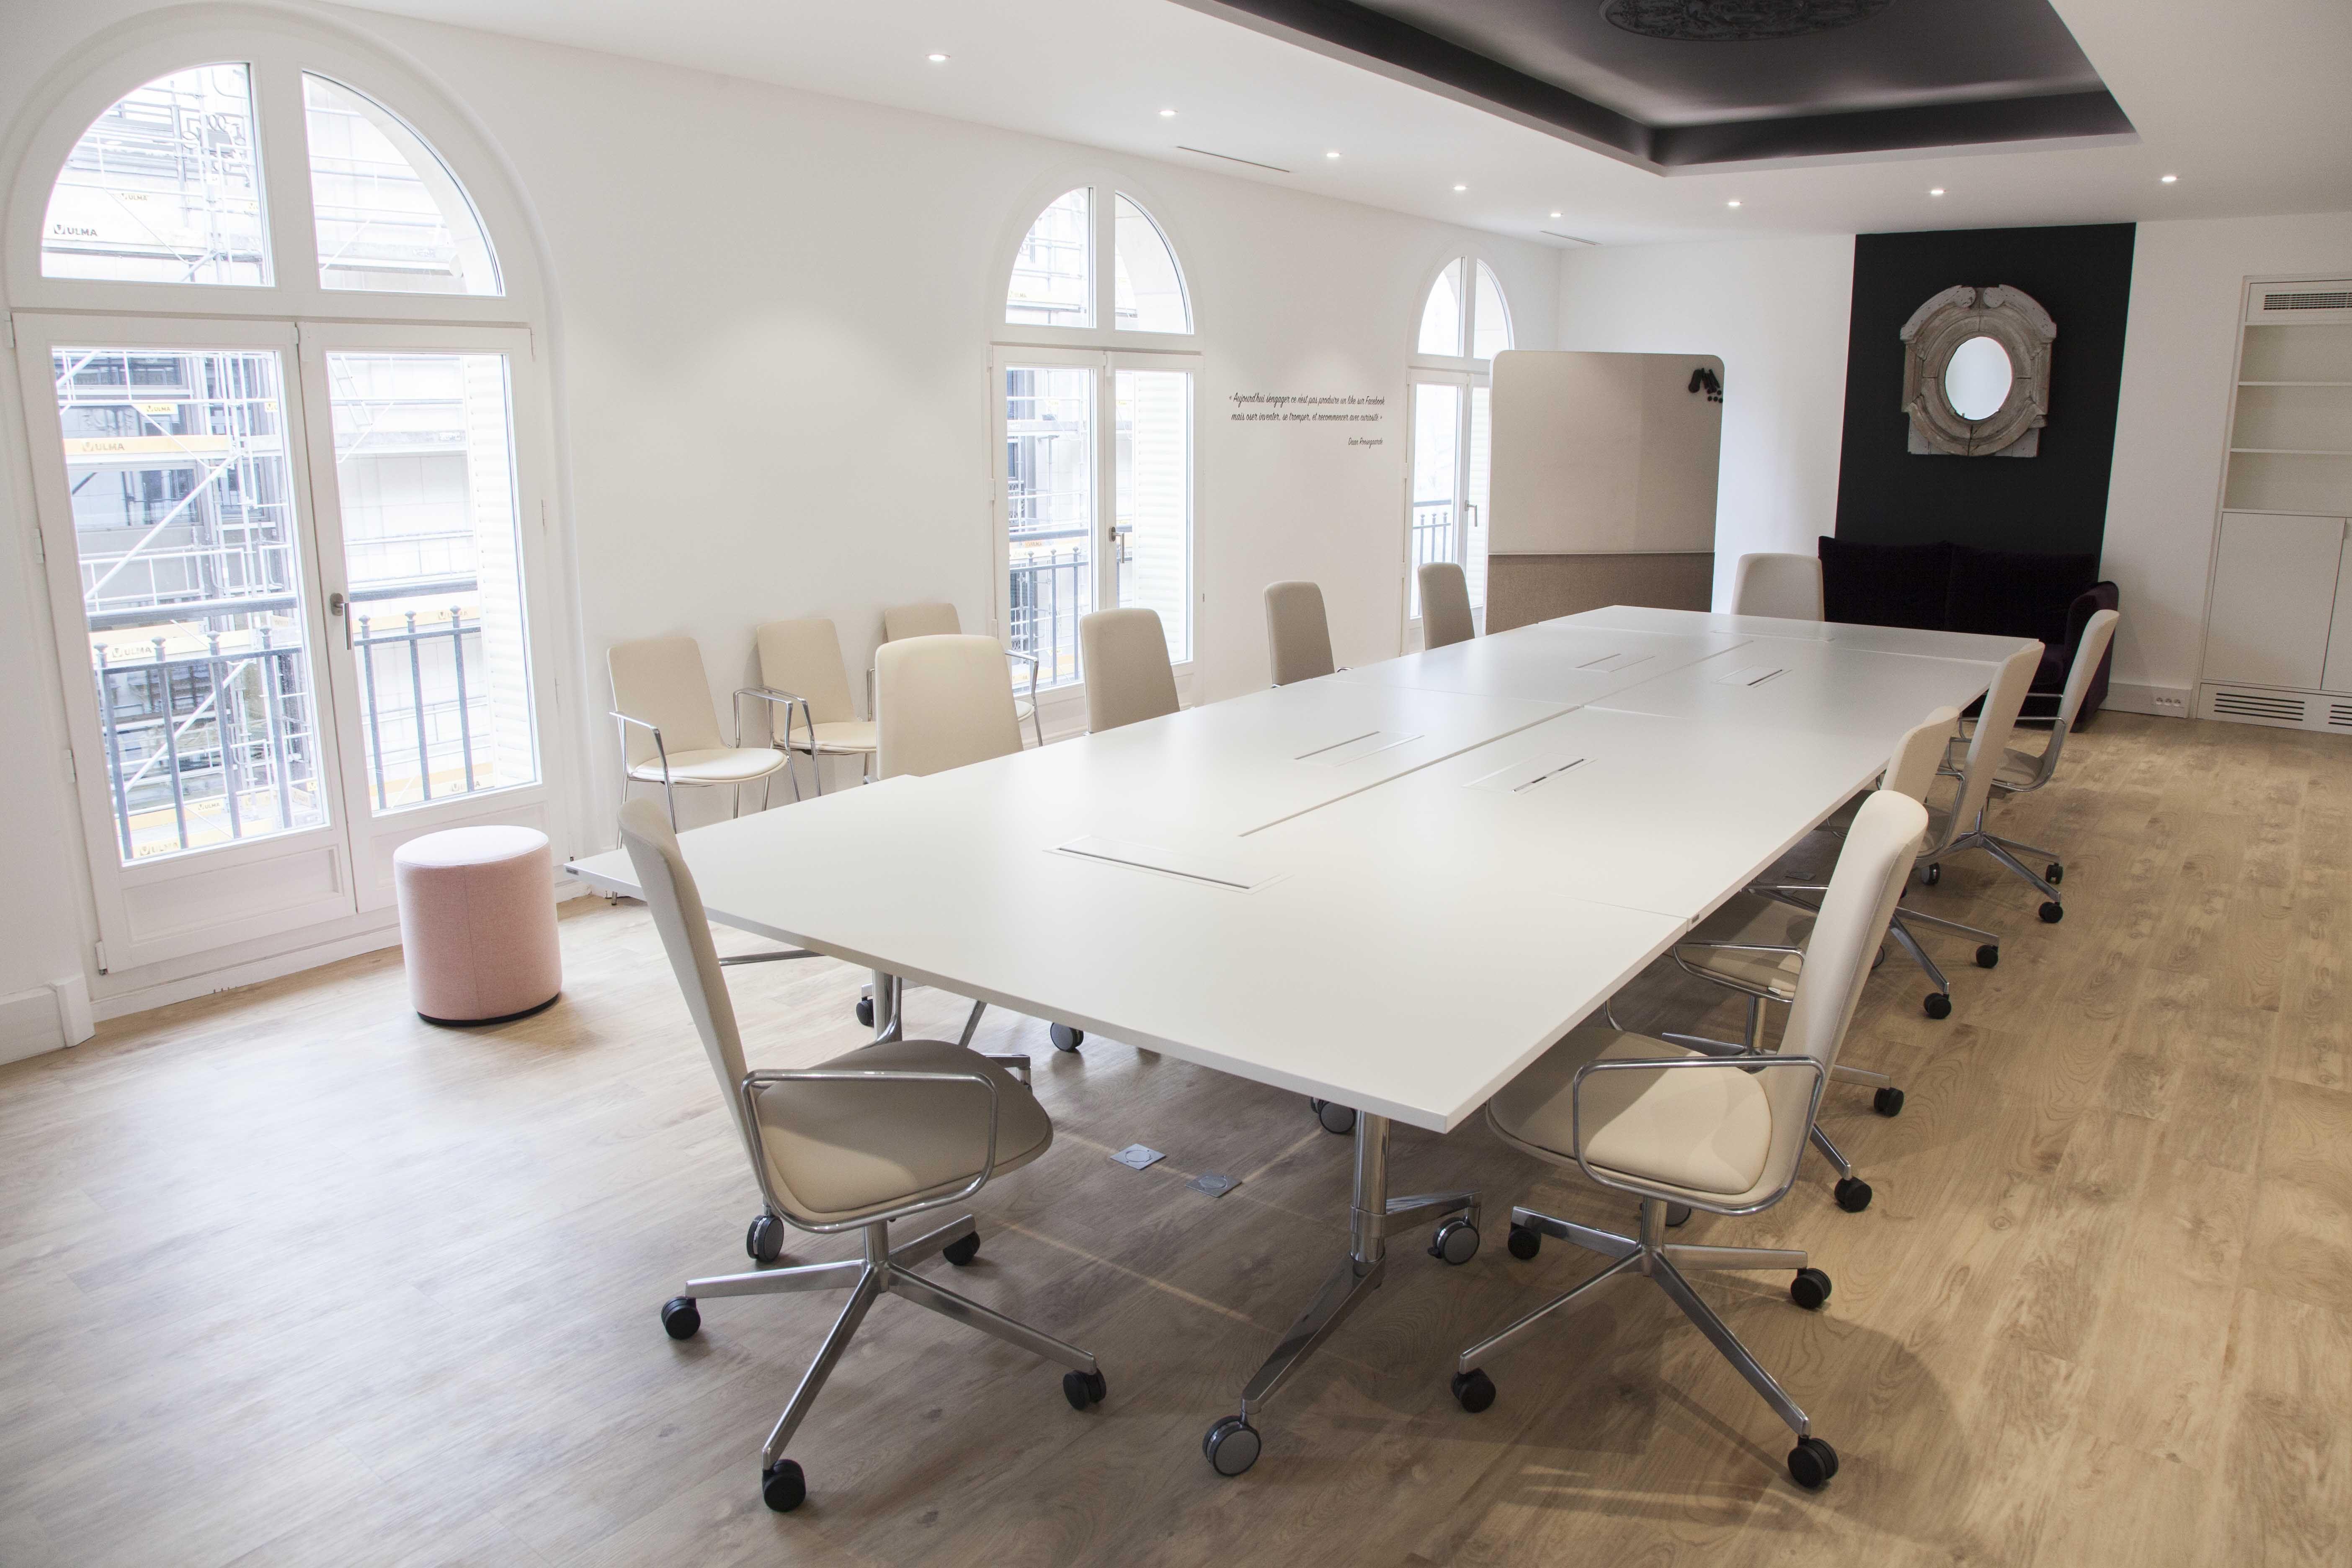 Epingle Par Moore Sur Les Nouveaux Heritiers Mobilier Design Amenagement D Espace Decoration Maison